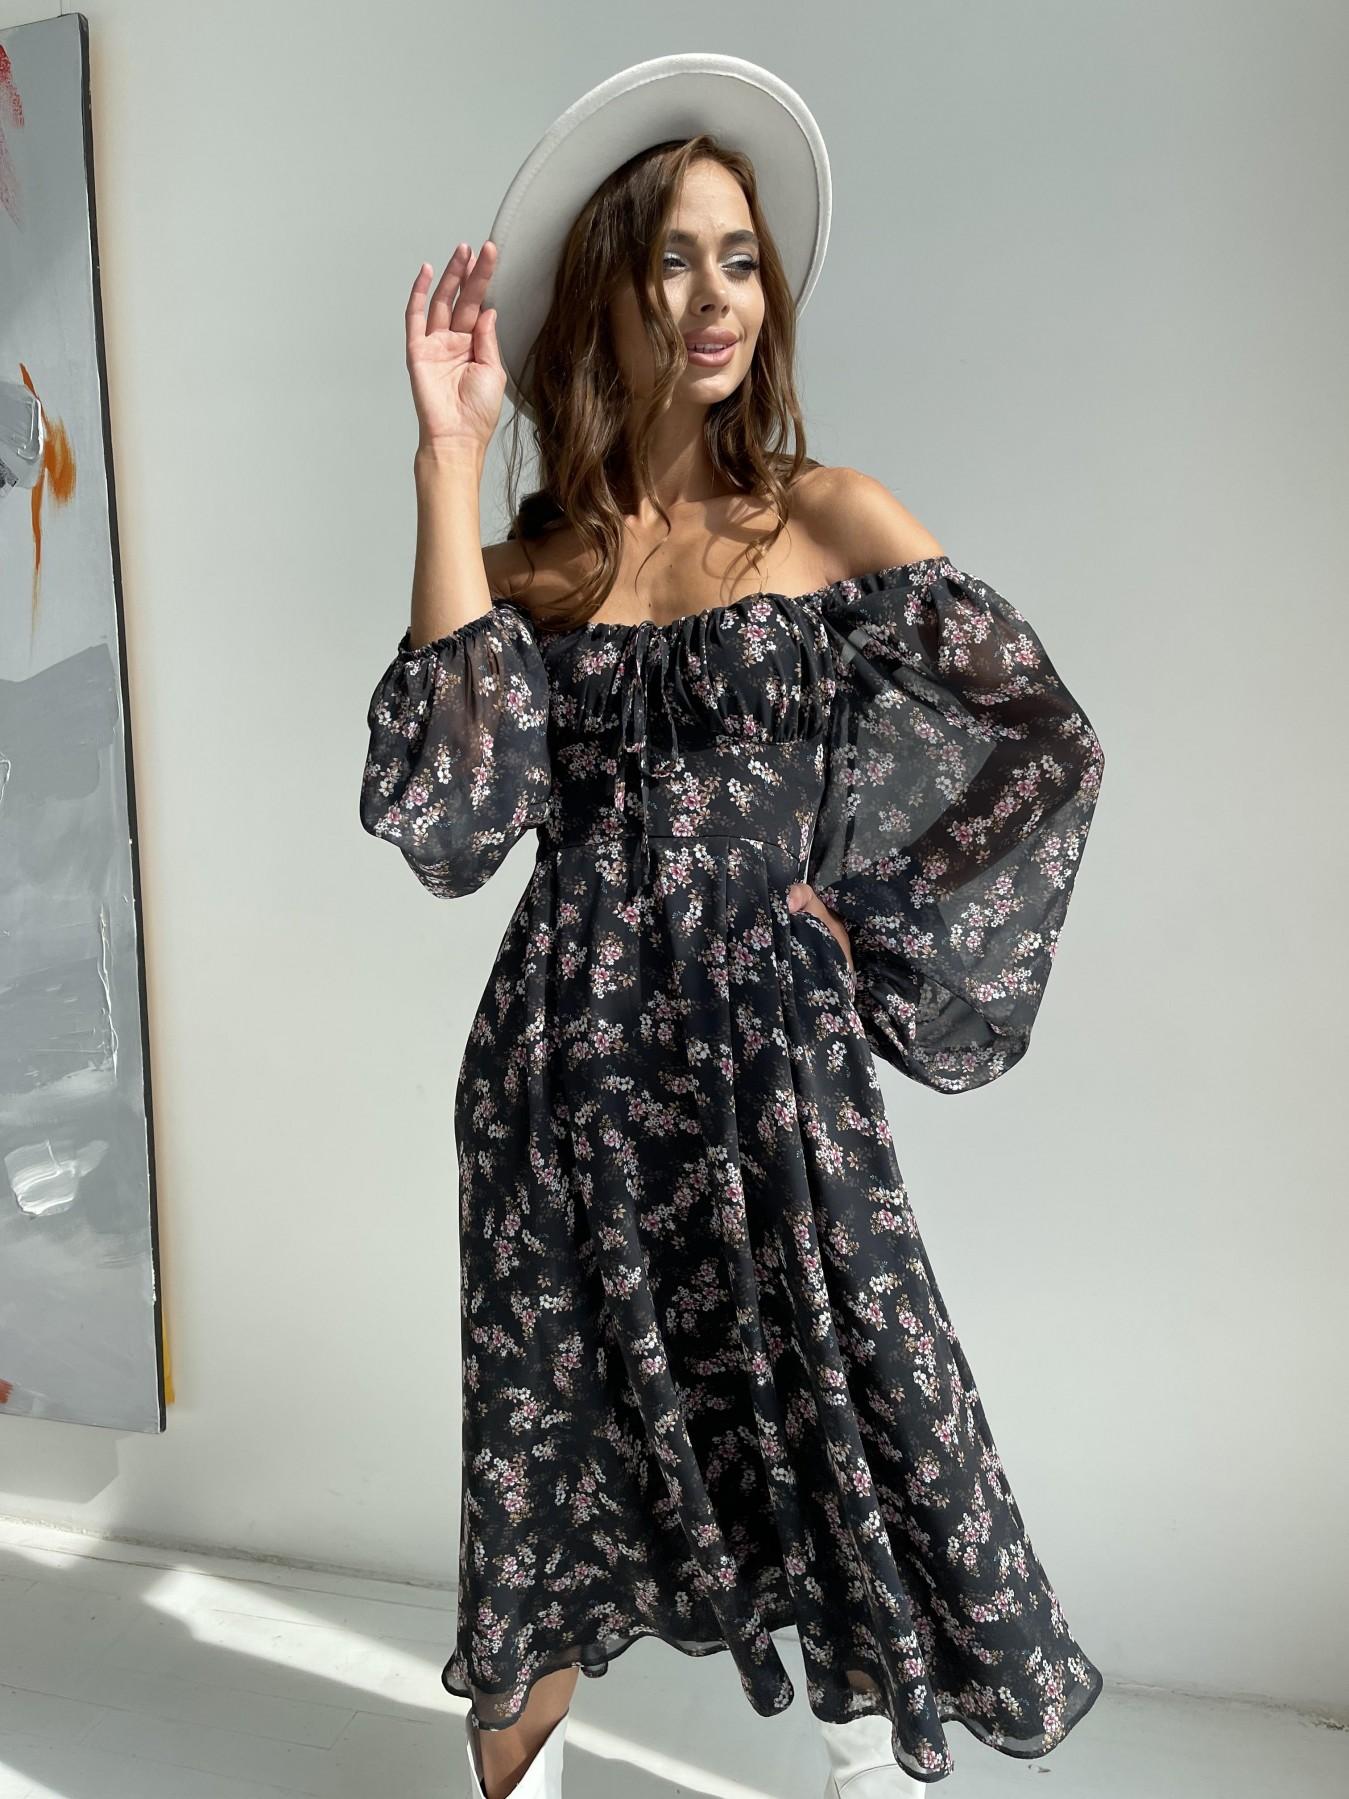 Кисес платье из шифона с цветочным принтом 11774 АРТ. 48549 Цвет: Черный/ЦветыМелБукет - фото 5, интернет магазин tm-modus.ru